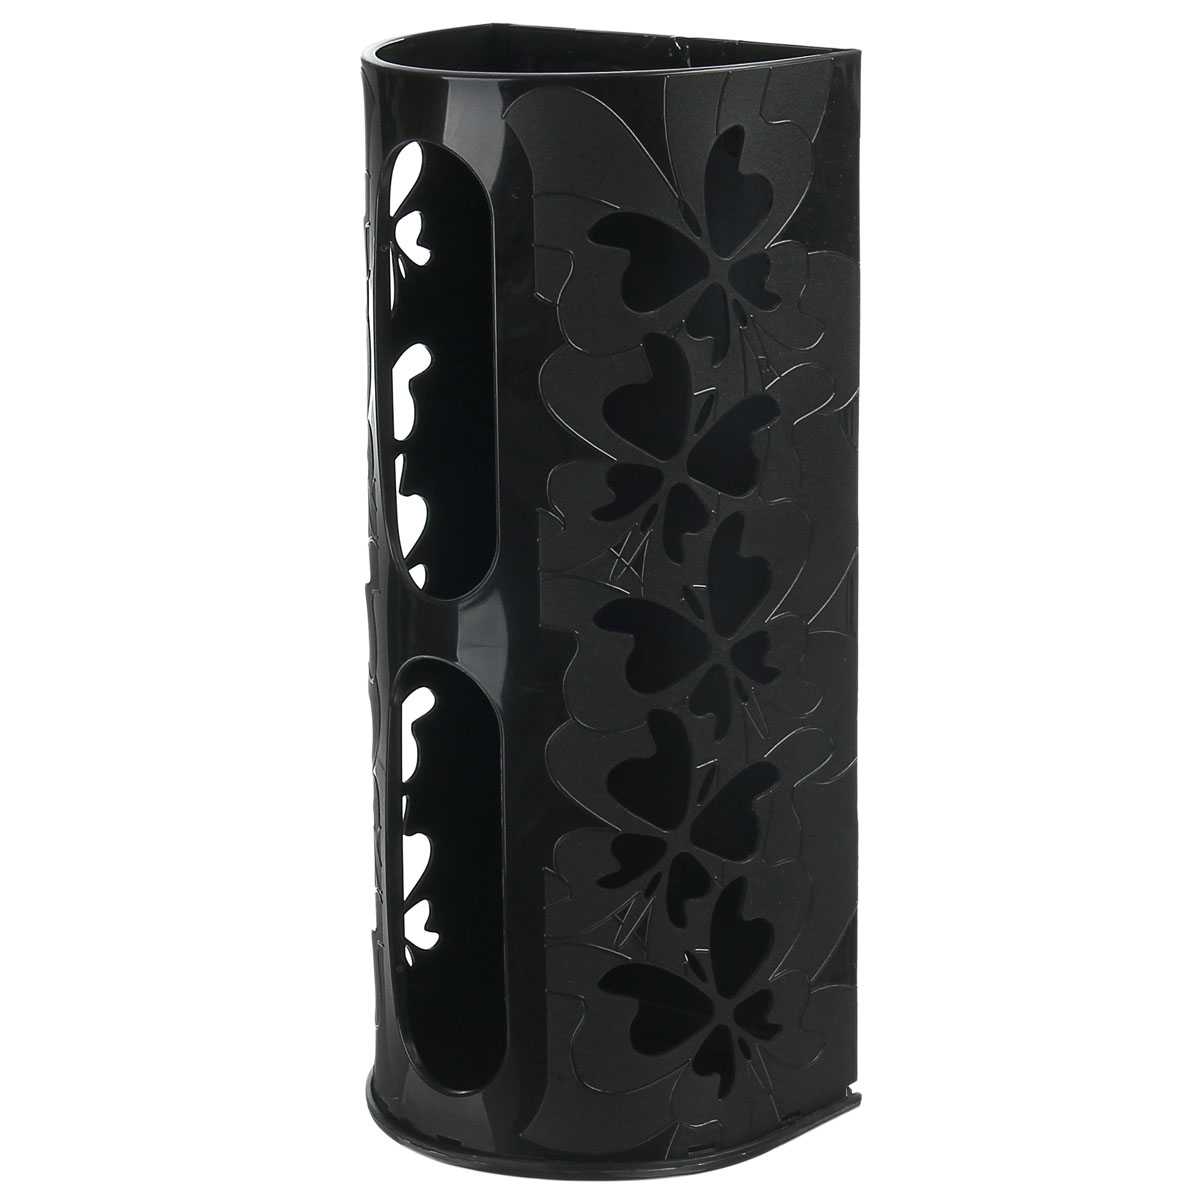 Корзина для пакетов Berossi Fly, цвет: черный868663Корзина для пакетов Berossi Fly, изготовлена из высококачественного пластика. Эта практичная корзина наведет порядок в кладовке или кухонном шкафу и позволит хранить пластиковые пакеты или хозяйственные сумочки во всегда доступном месте! Изделие декорировано резным изображением бабочек. Корзина просто подвешивается на дверь шкафчика изнутри или снаружи, в зависимости от назначения. Корзина для пакетов Berossi Fly будет замечательным подарком для поддержания чистоты и порядка. Она сэкономит место, гармонично впишется в интерьер и будет радовать вас уникальным дизайном.Размер корзины (в собранном виде): 37 х 13 х 16 см.